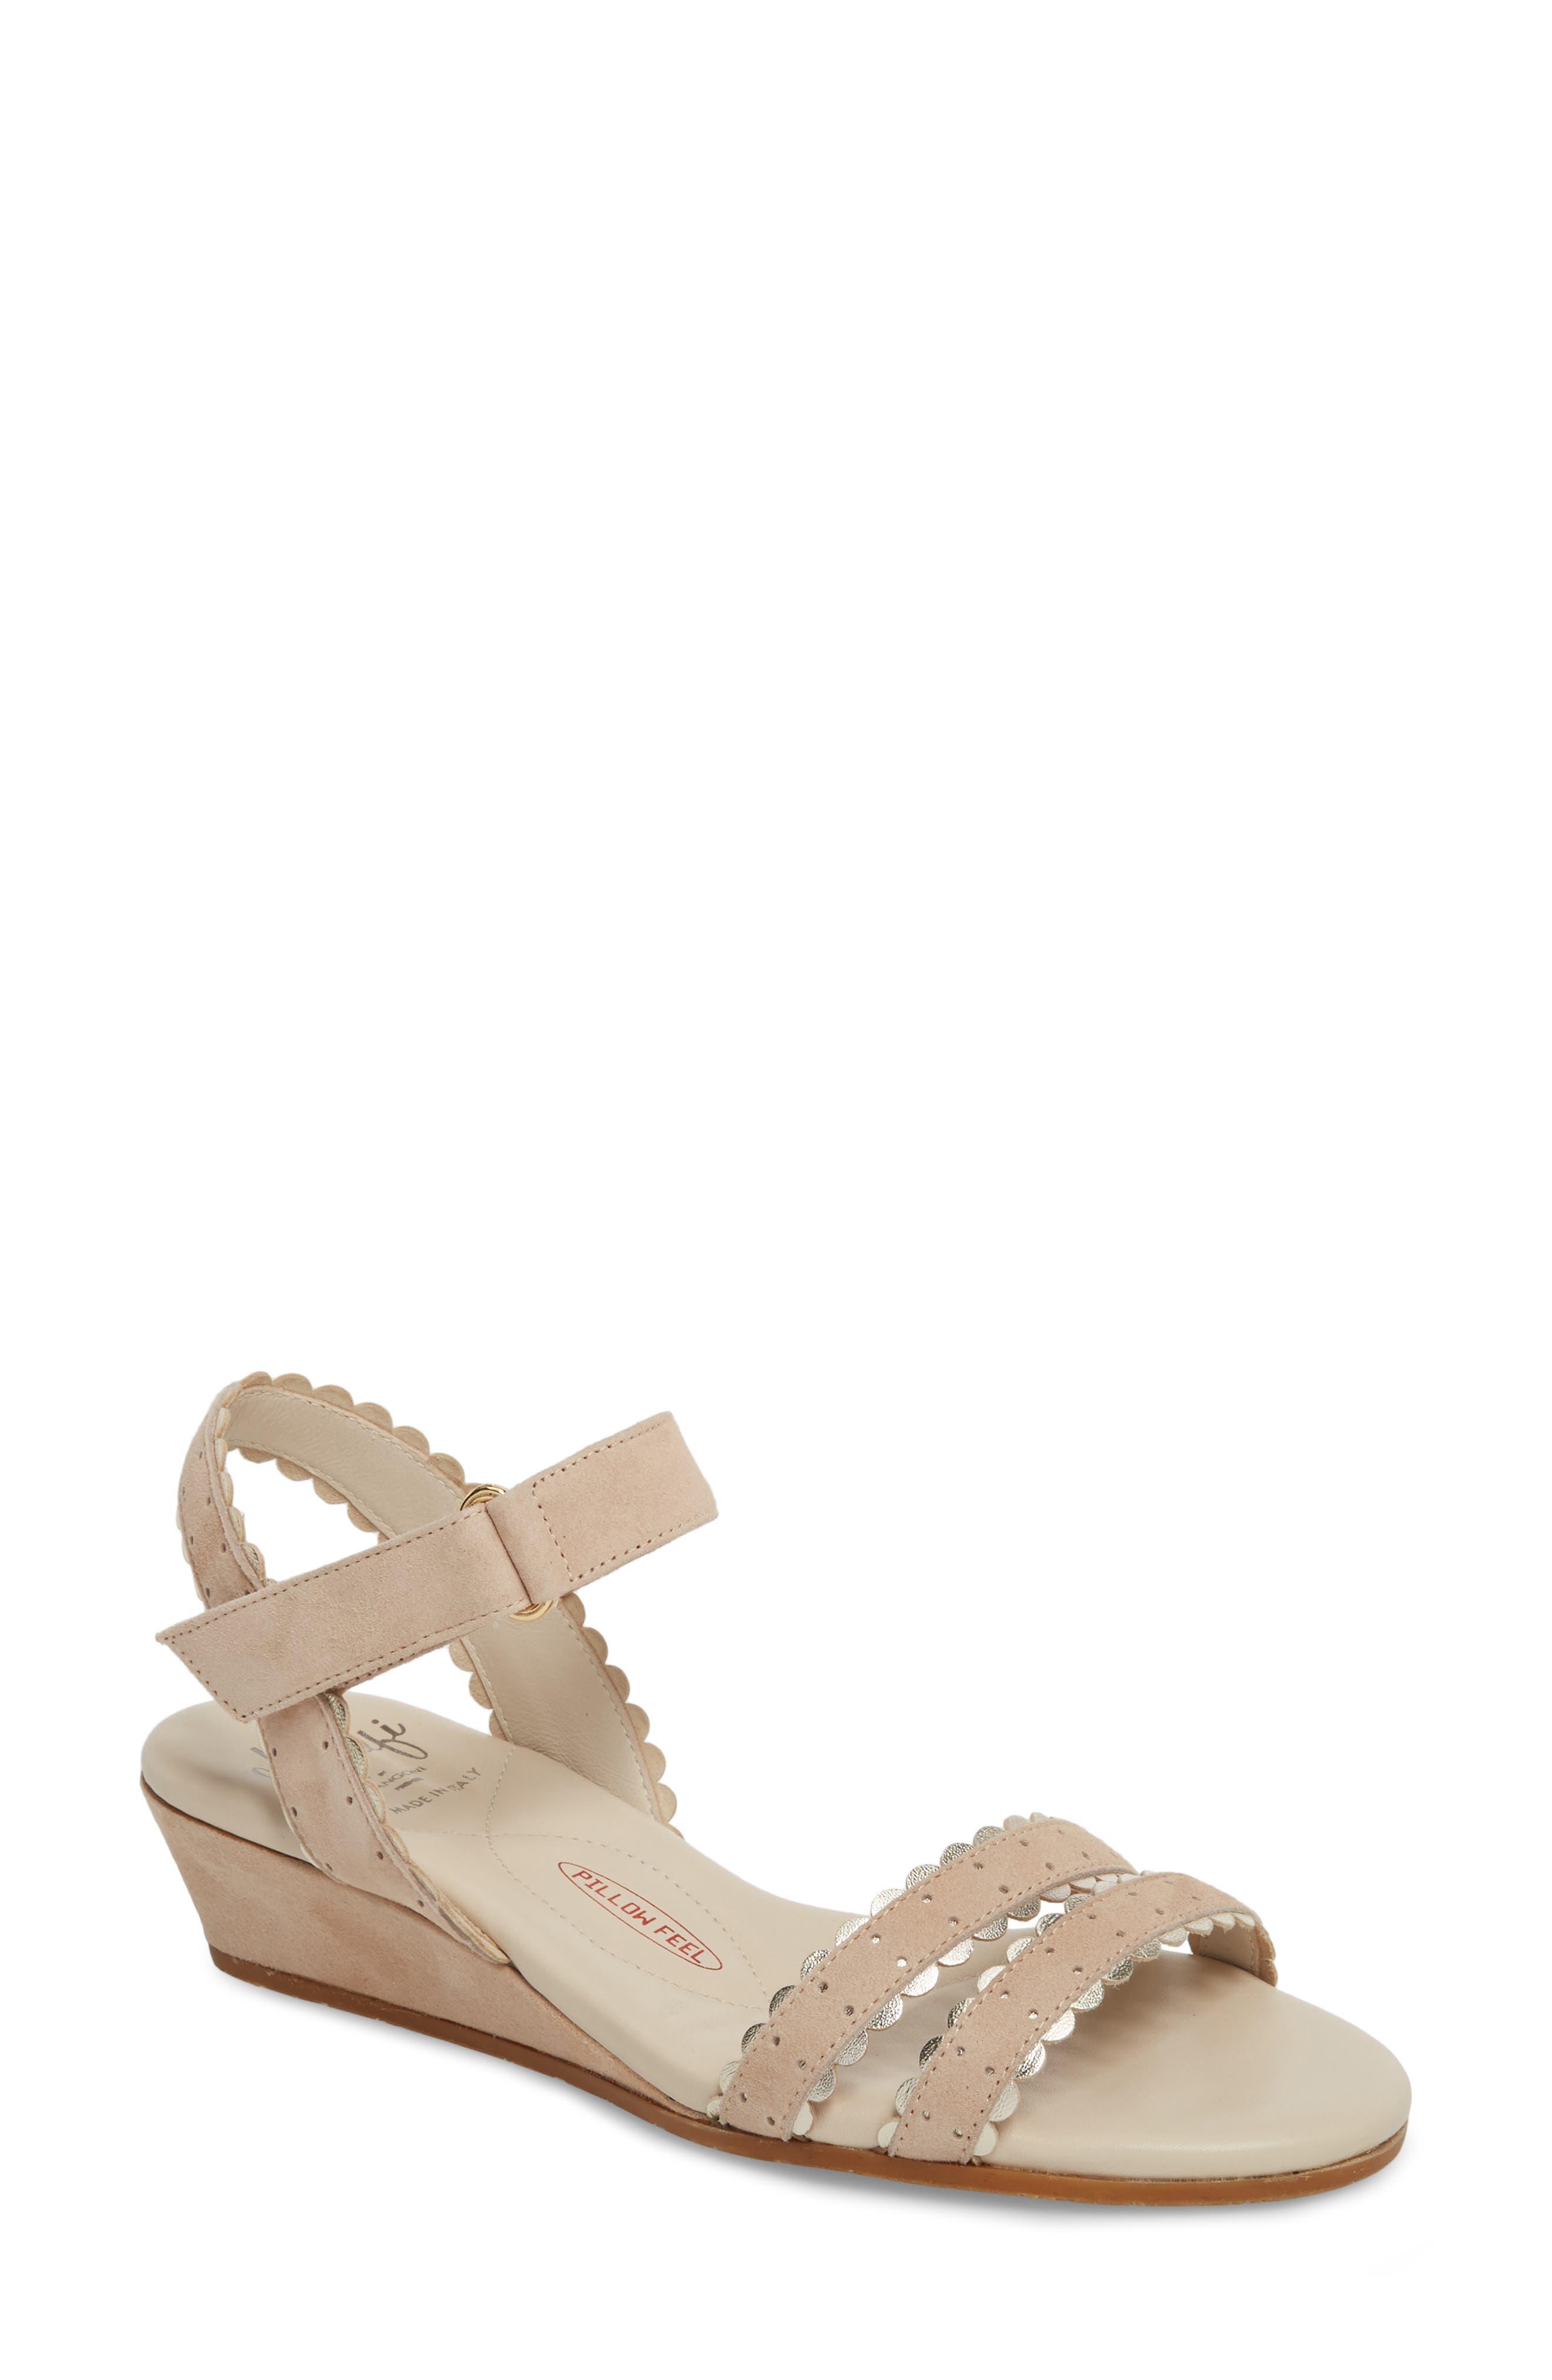 Messina Wedge Sandal,                         Main,                         color, Cream/ Platinum Suede